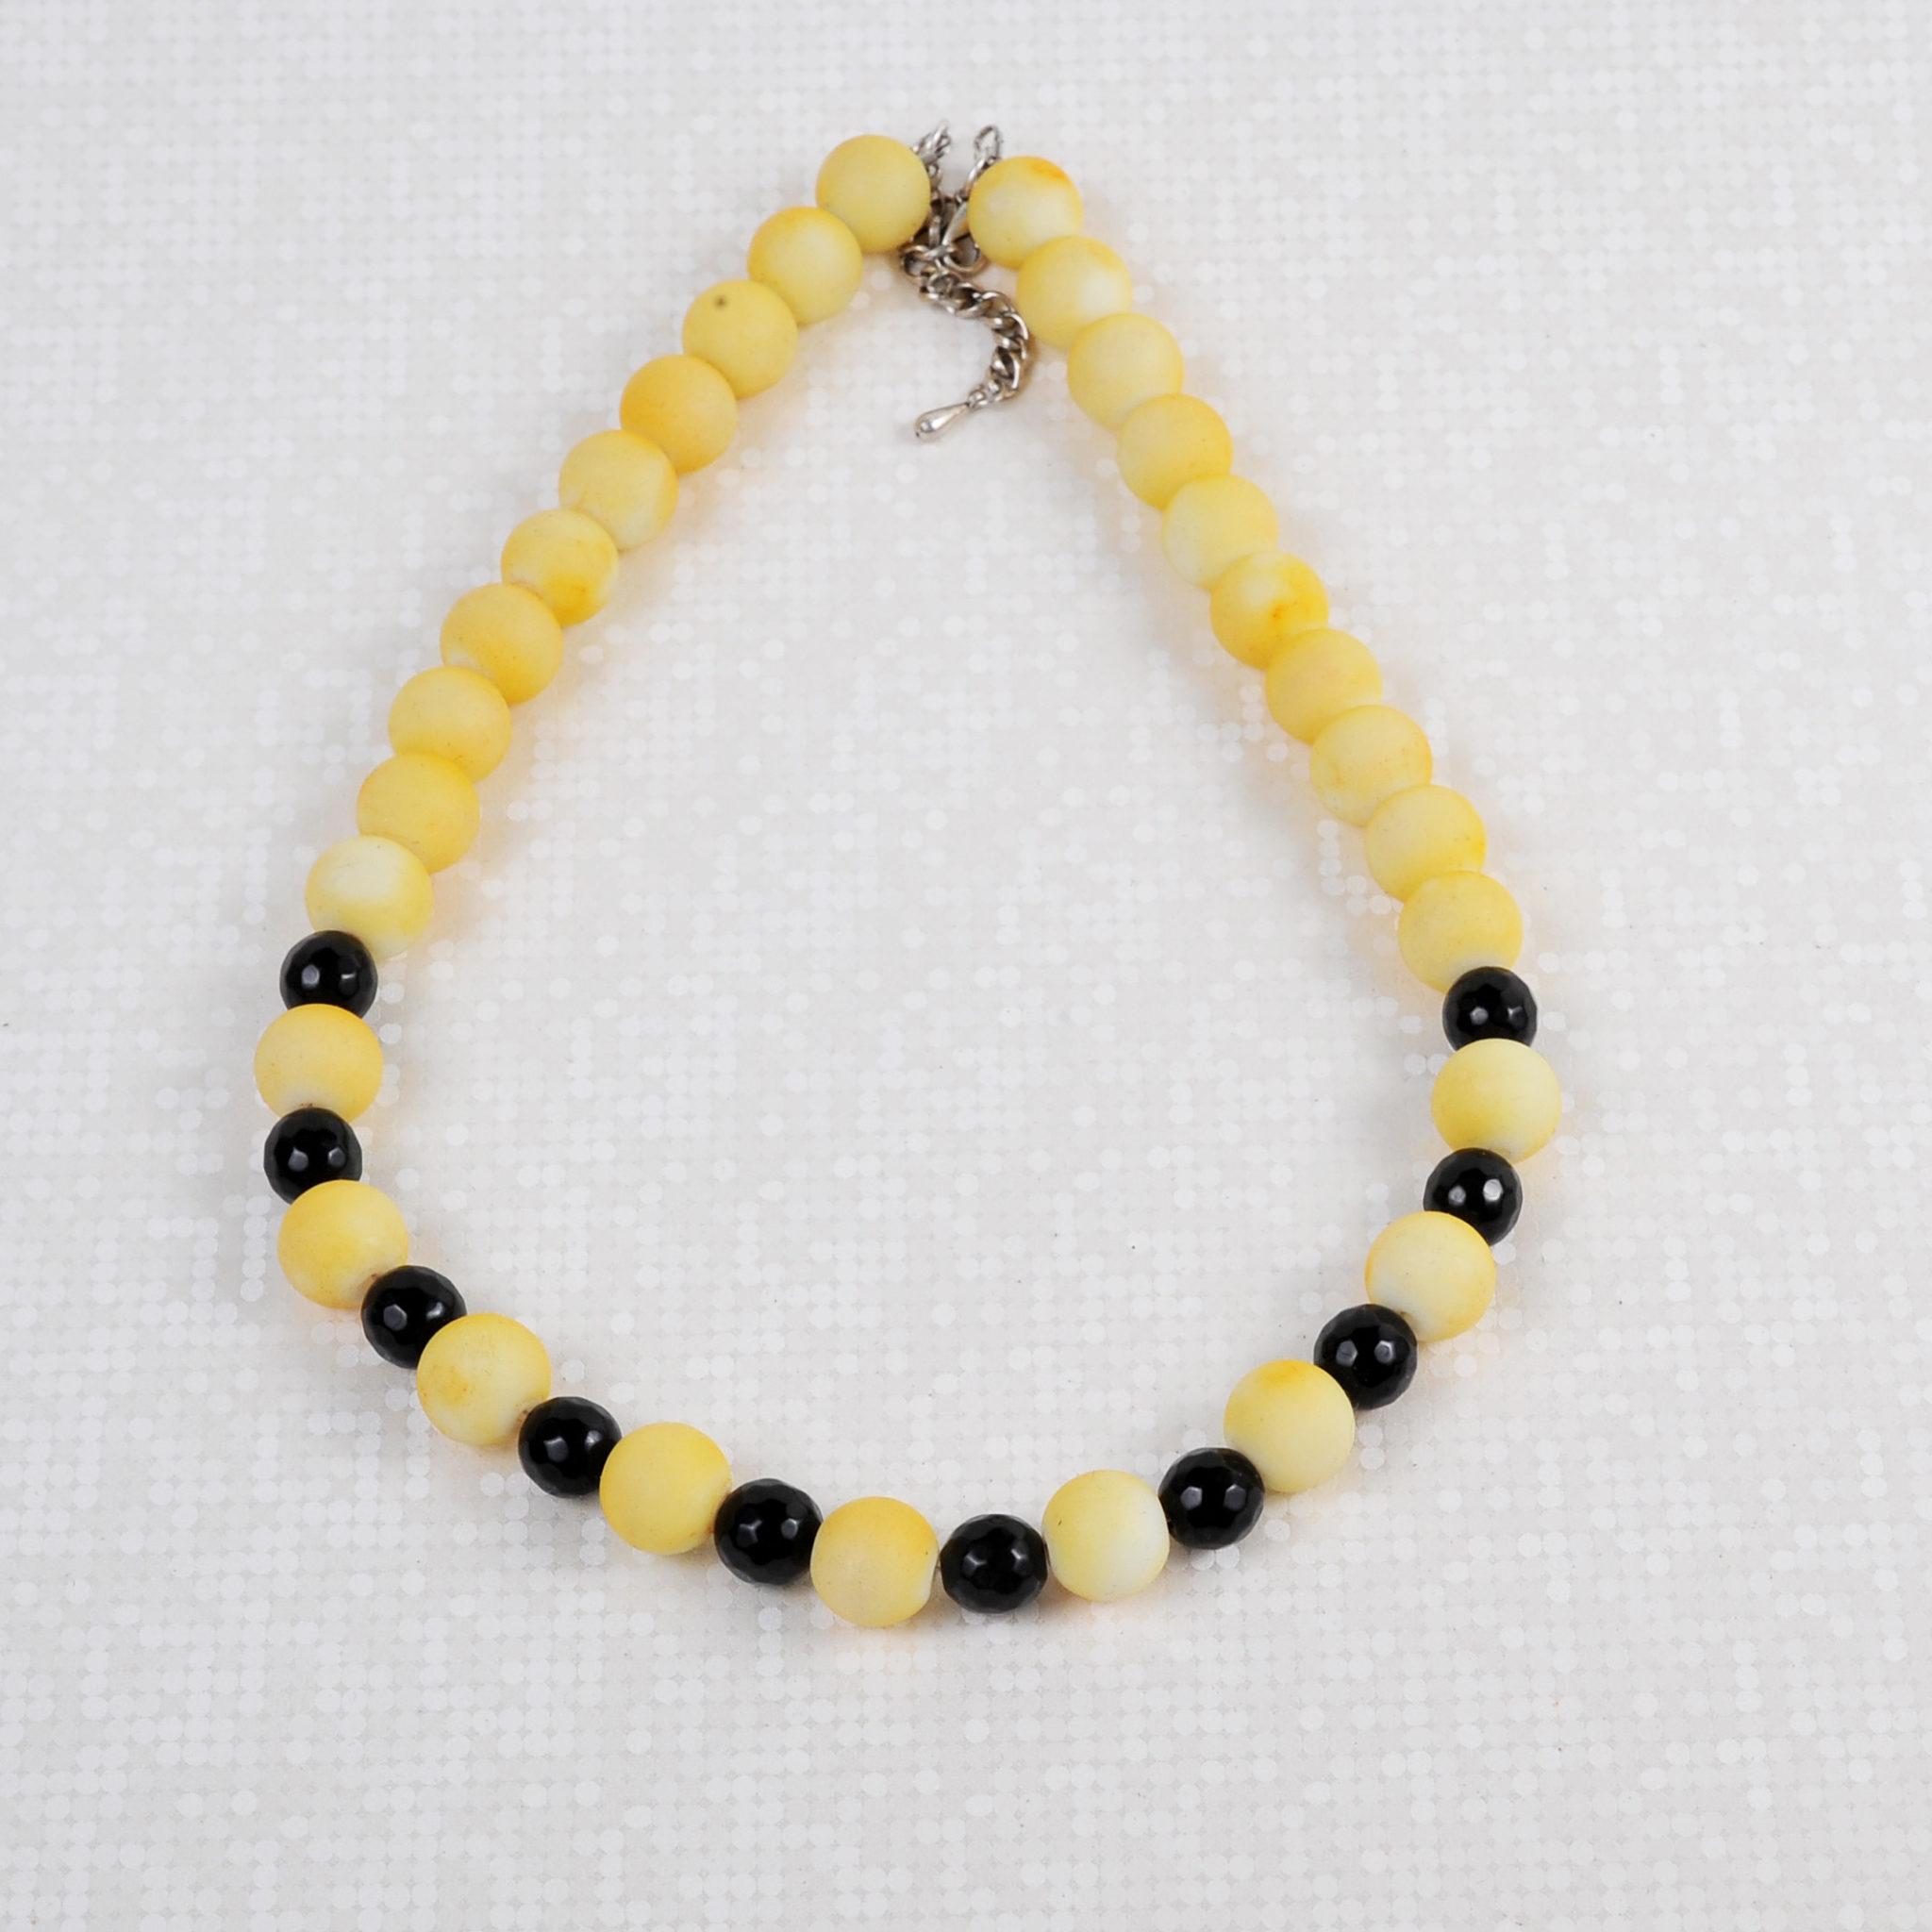 Κολιέ κοντό με γυάλινες χάντρες κίτρινες και μαύρες – Twinsart.gr 43474e322fc